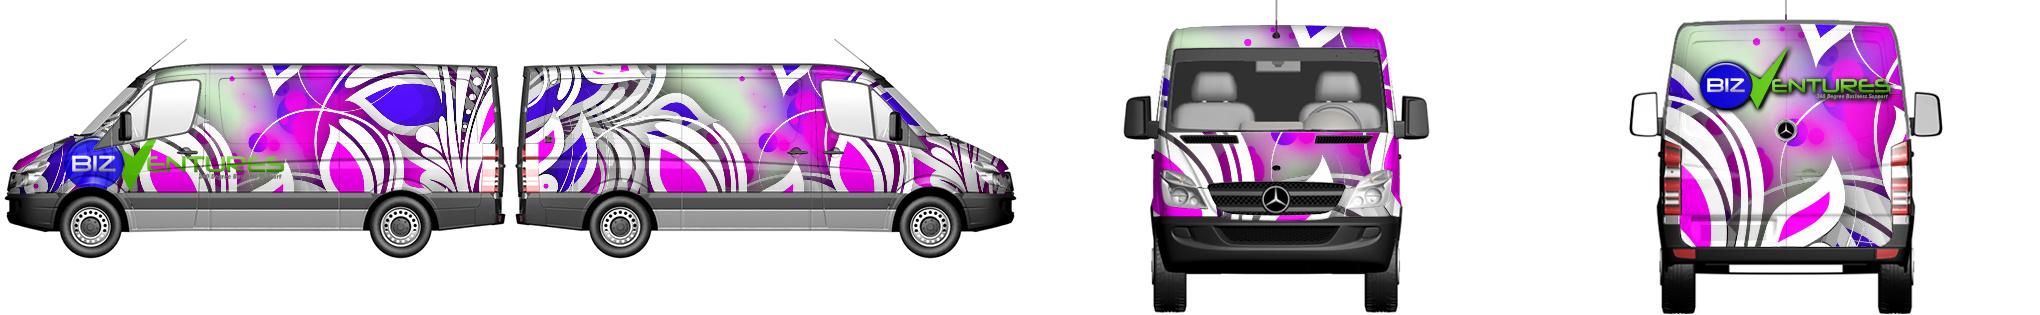 Van Wrap #52856